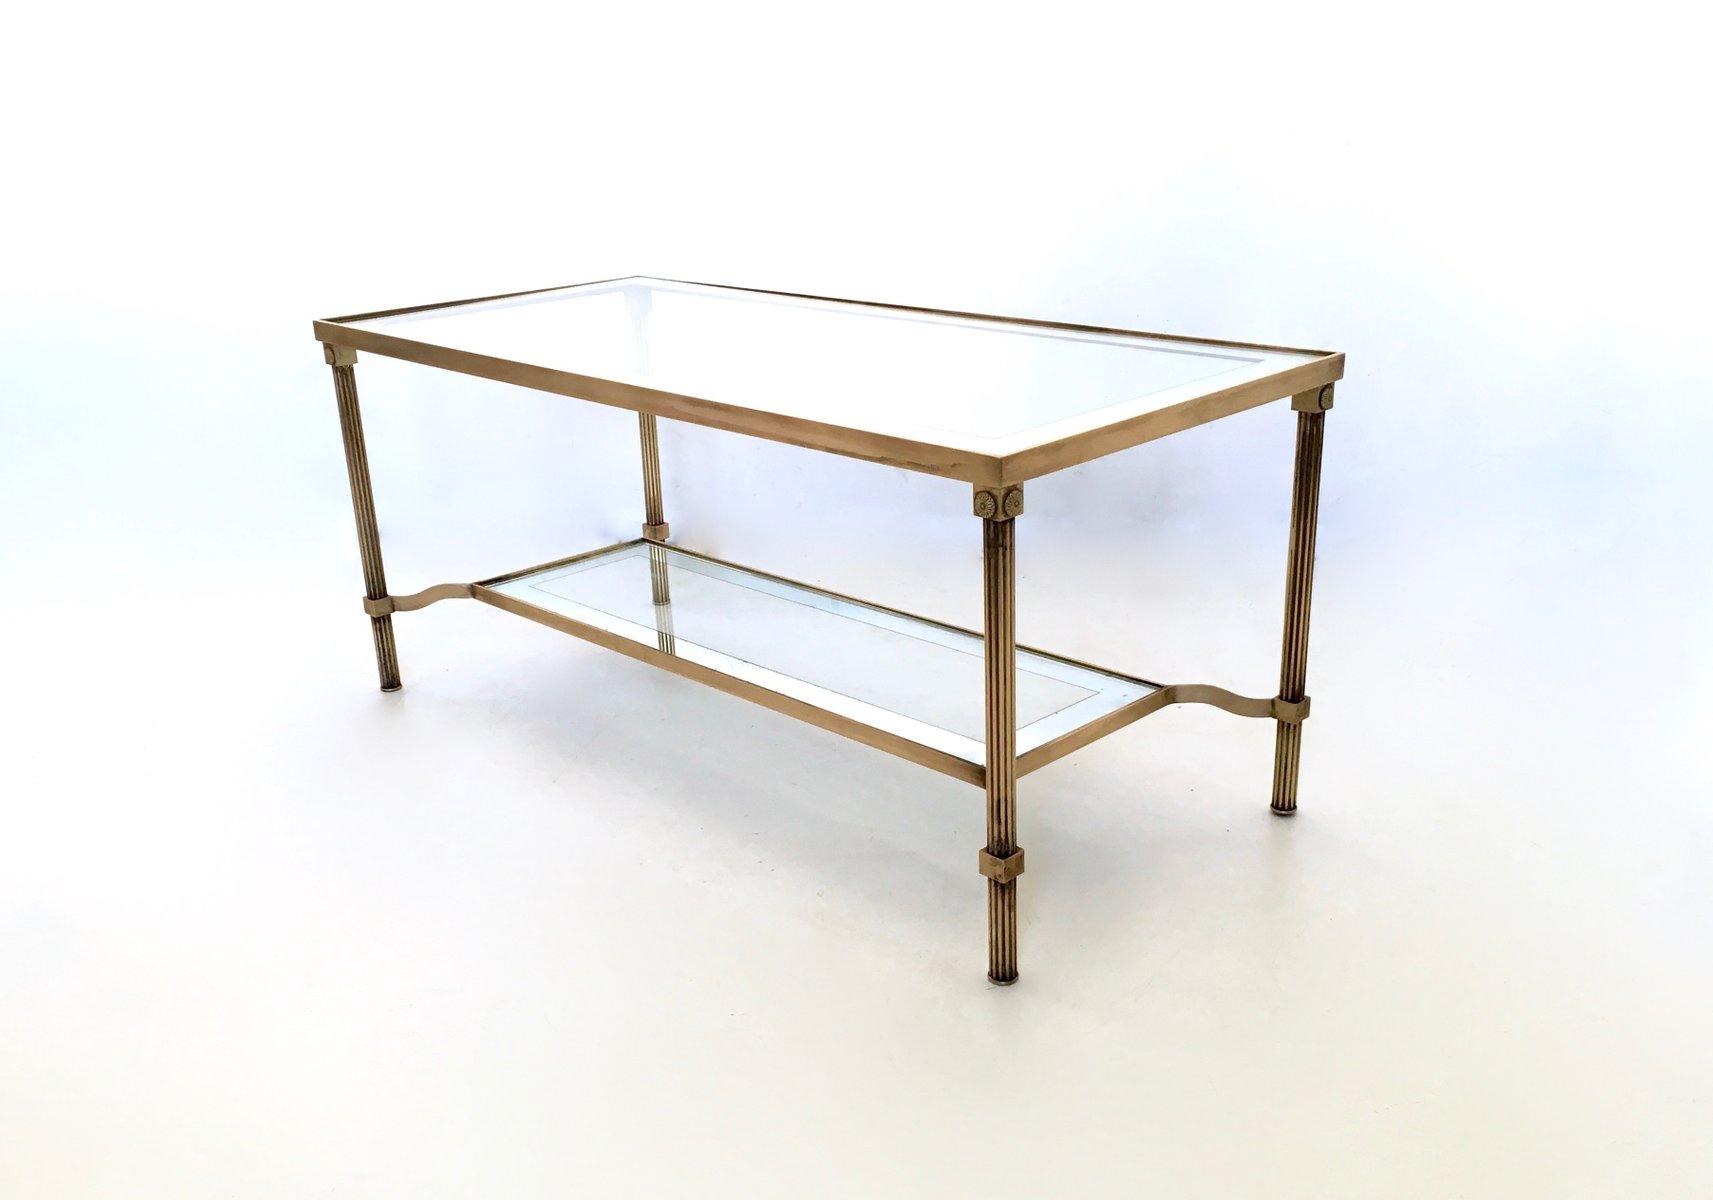 zweistufiger messing und glas couchtisch 1950er bei pamono kaufen. Black Bedroom Furniture Sets. Home Design Ideas